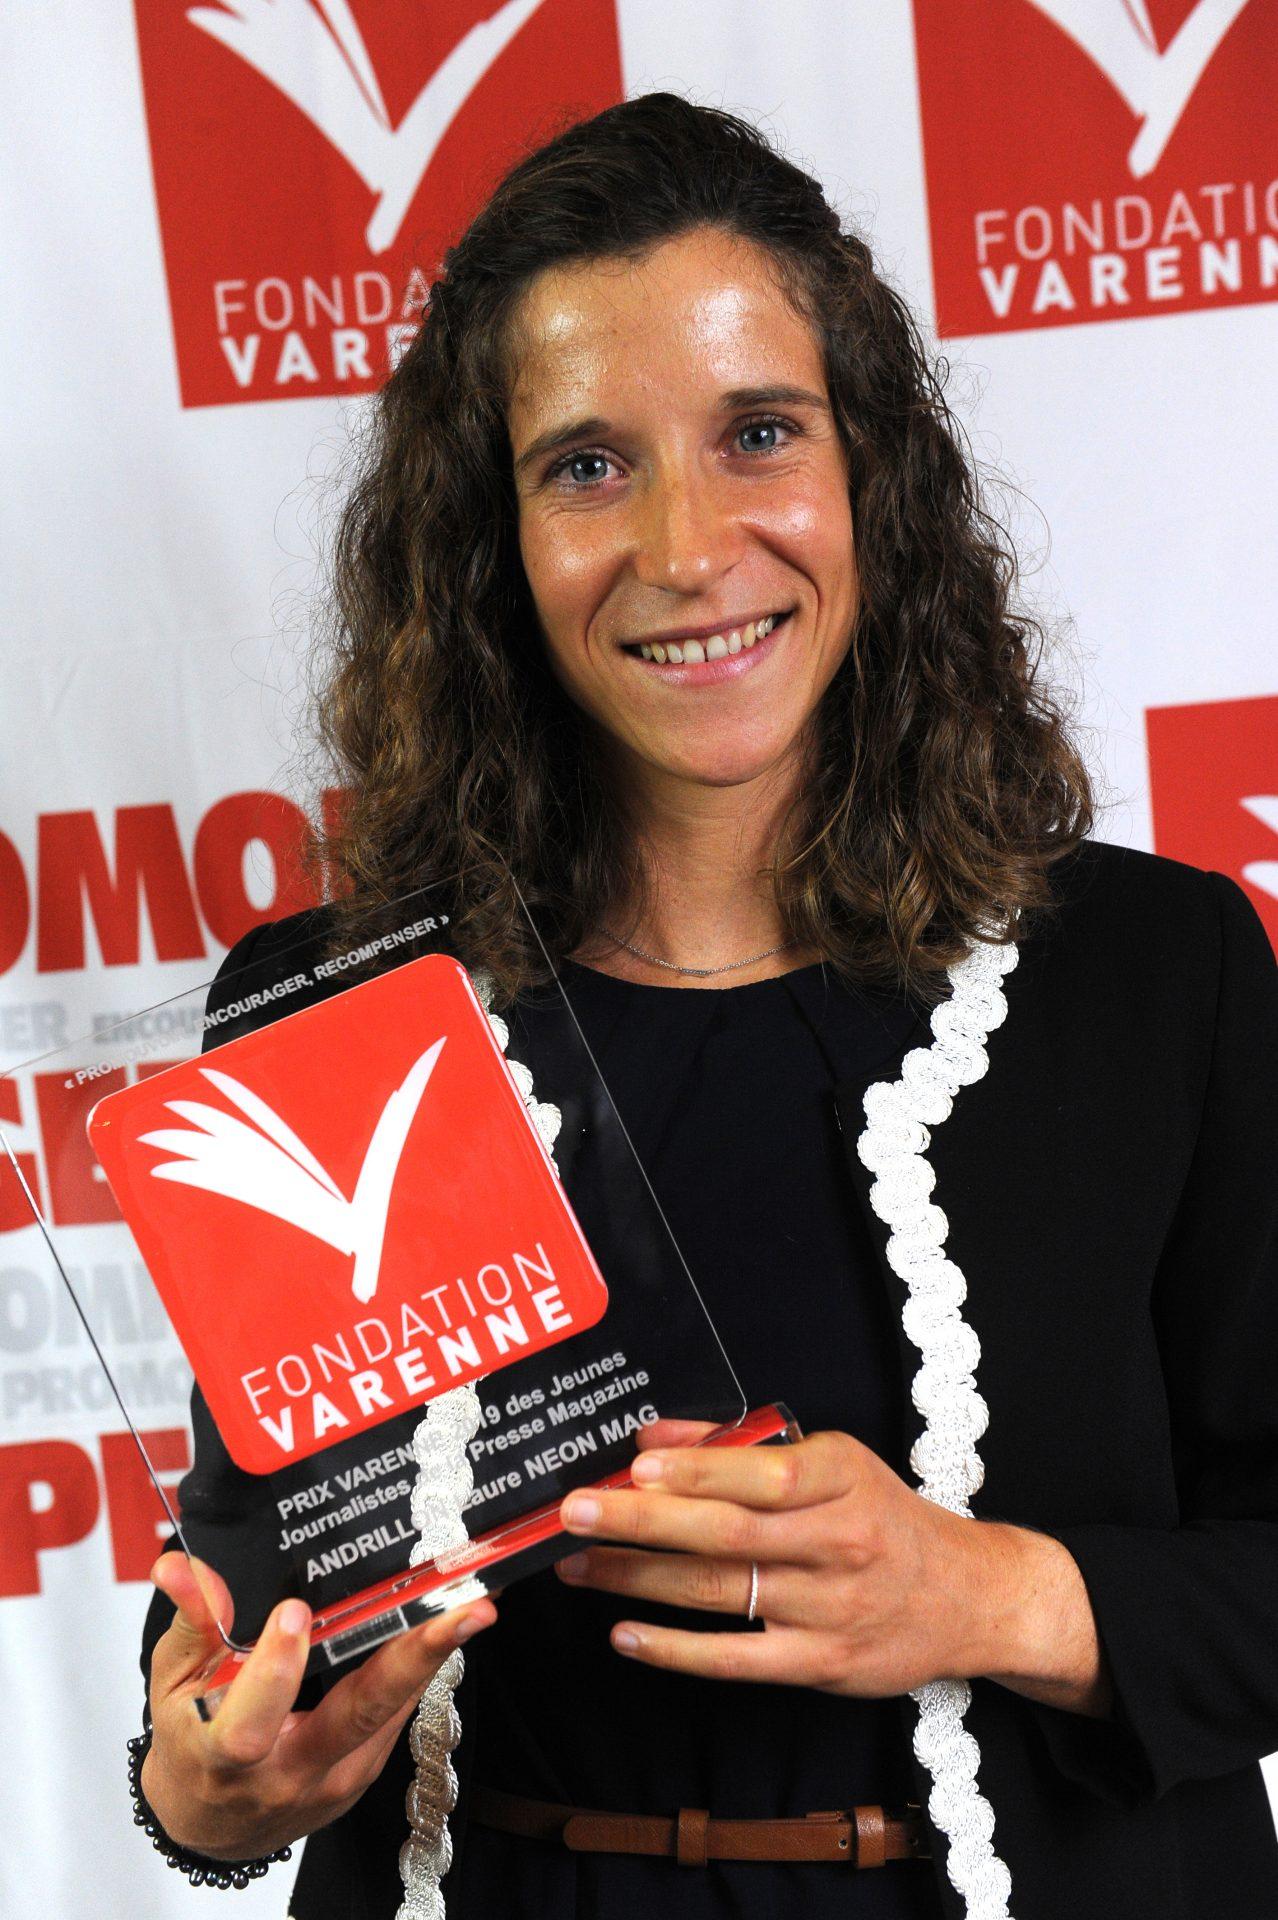 Prix Varenne jeune journaliste à Laure ANDRILLON du NEON MAG